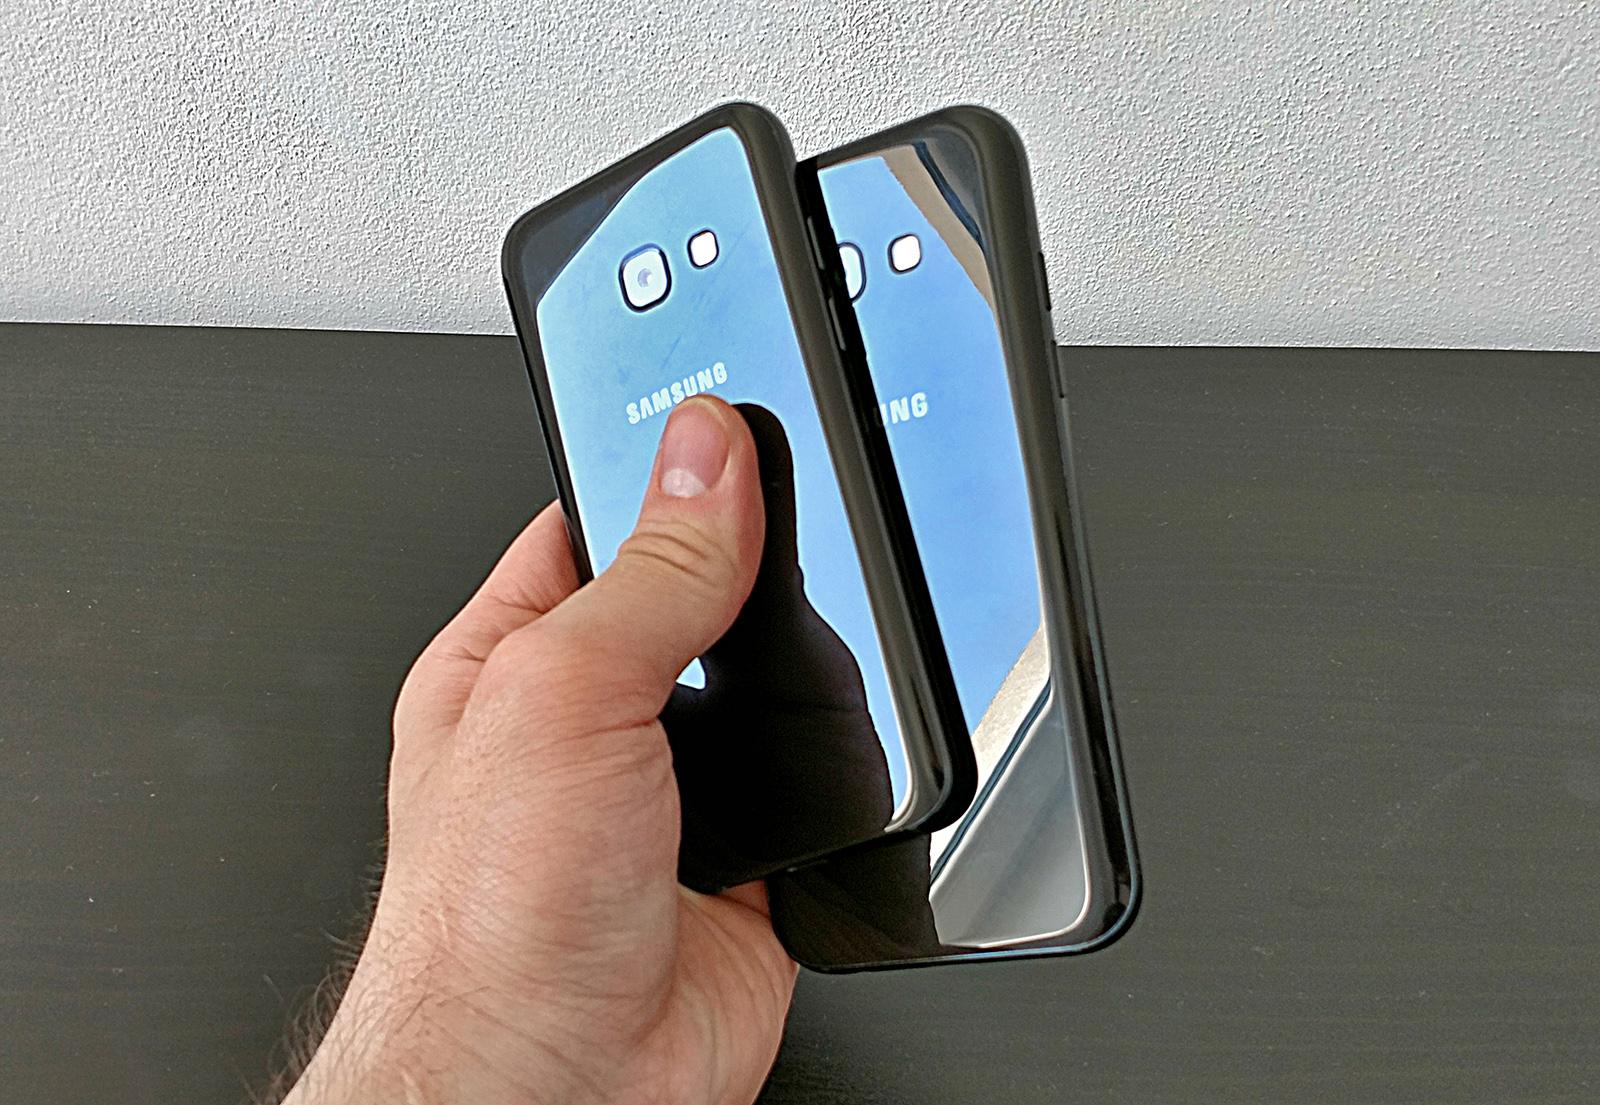 4042759cd Samsung Galaxy A3 a A5: Zdajú sa vám drahé? Po teste sa mi zdá ich cena  primeraná.